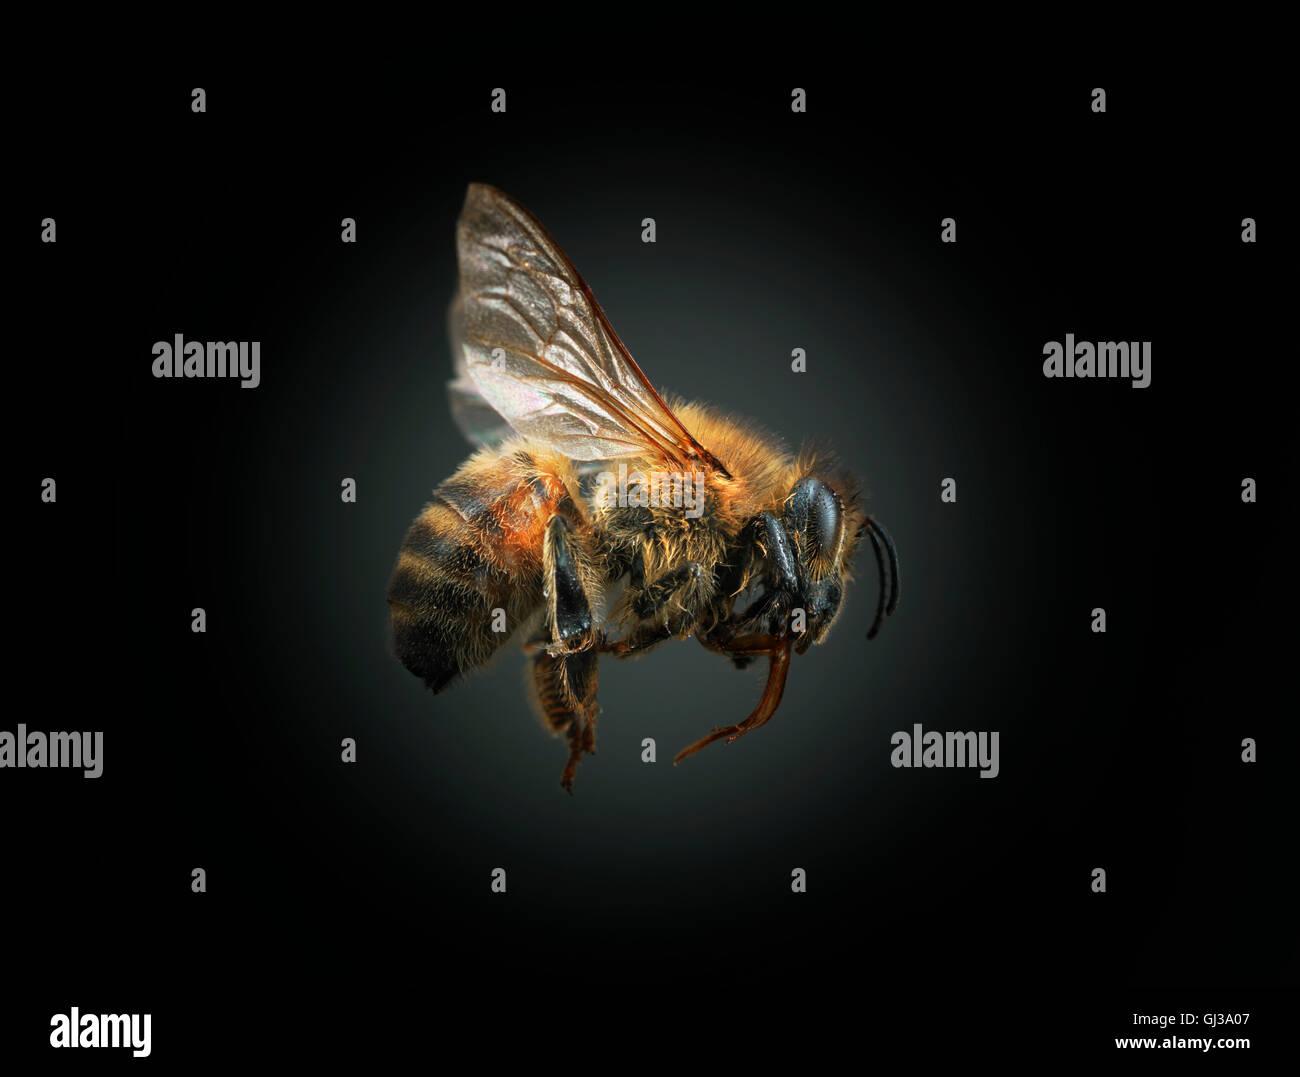 Biene auf schwarzem Hintergrund Stockbild